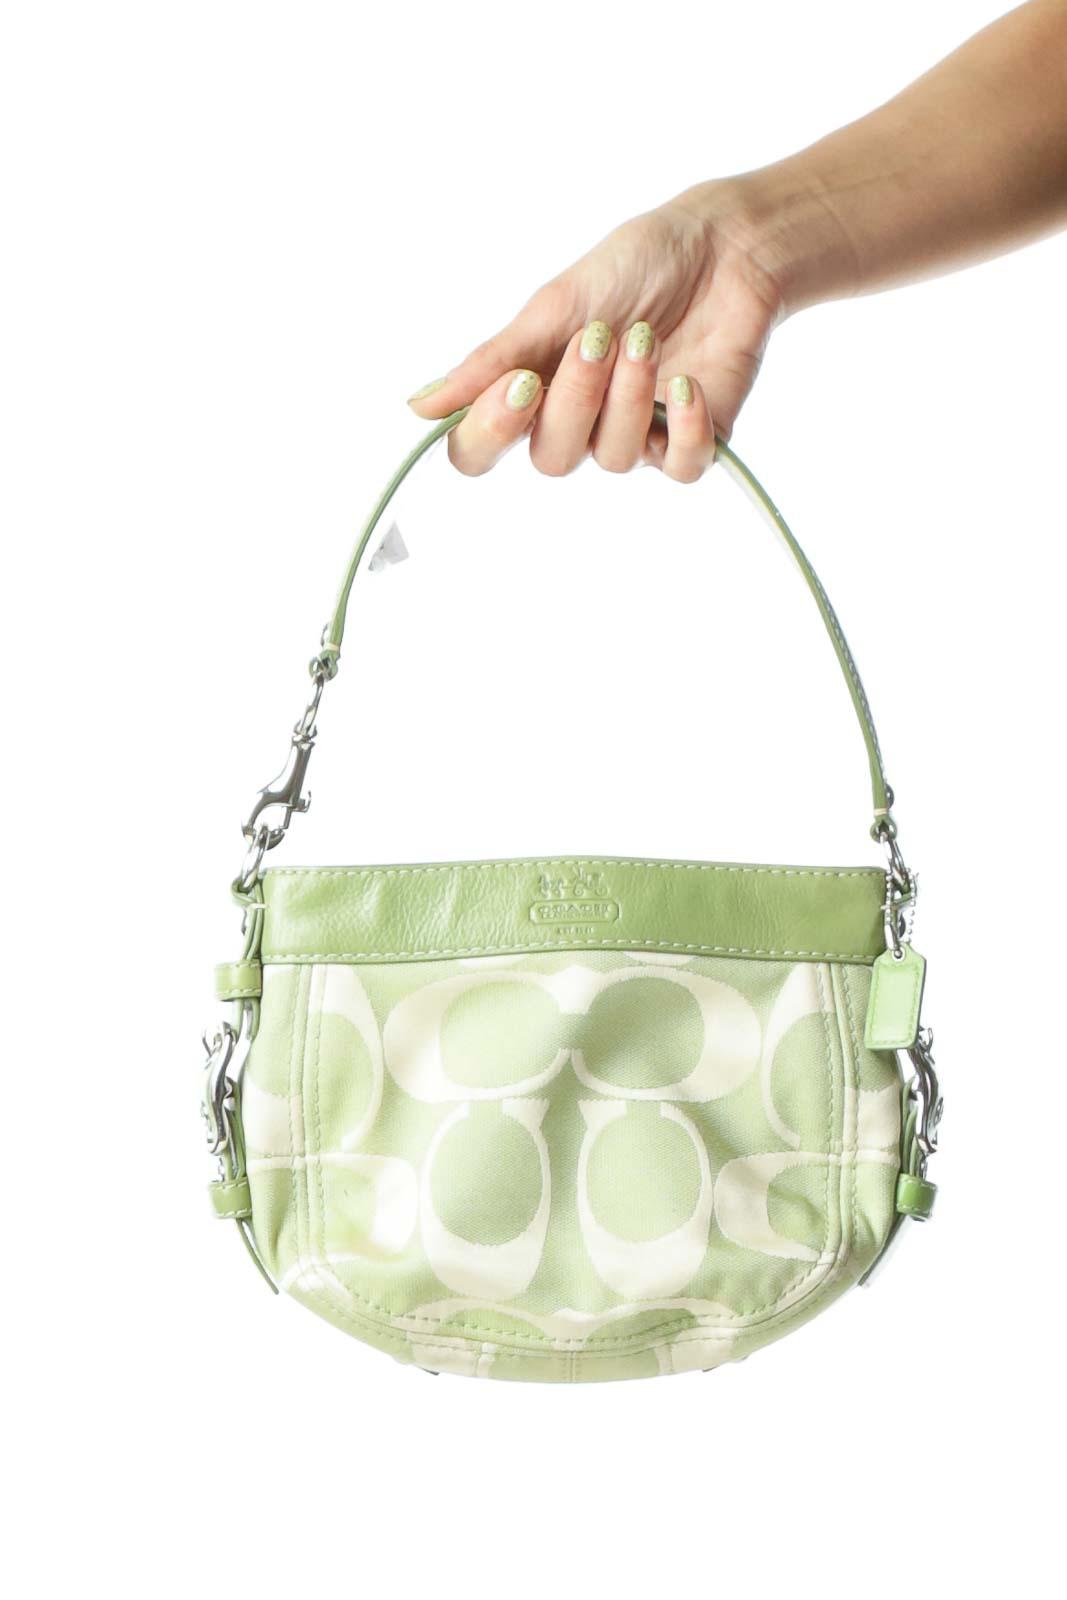 Green Monogrammed Leather Handbag Front